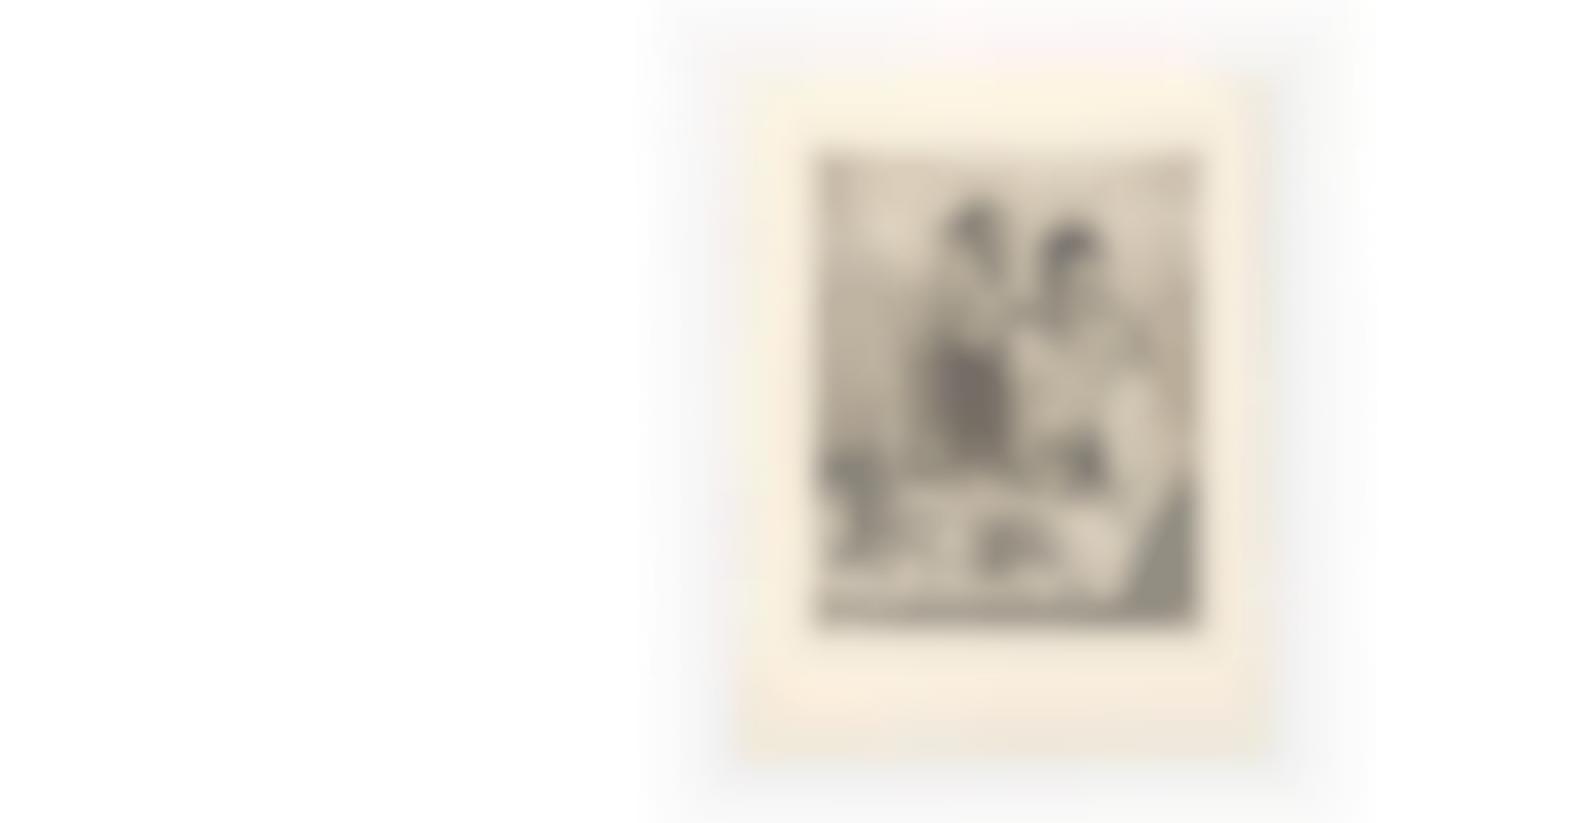 Pablo Picasso-La Suite Des Saltimbanques(Bloch 1-15; Baer 2-7, 9-15, 17, 18)-1905